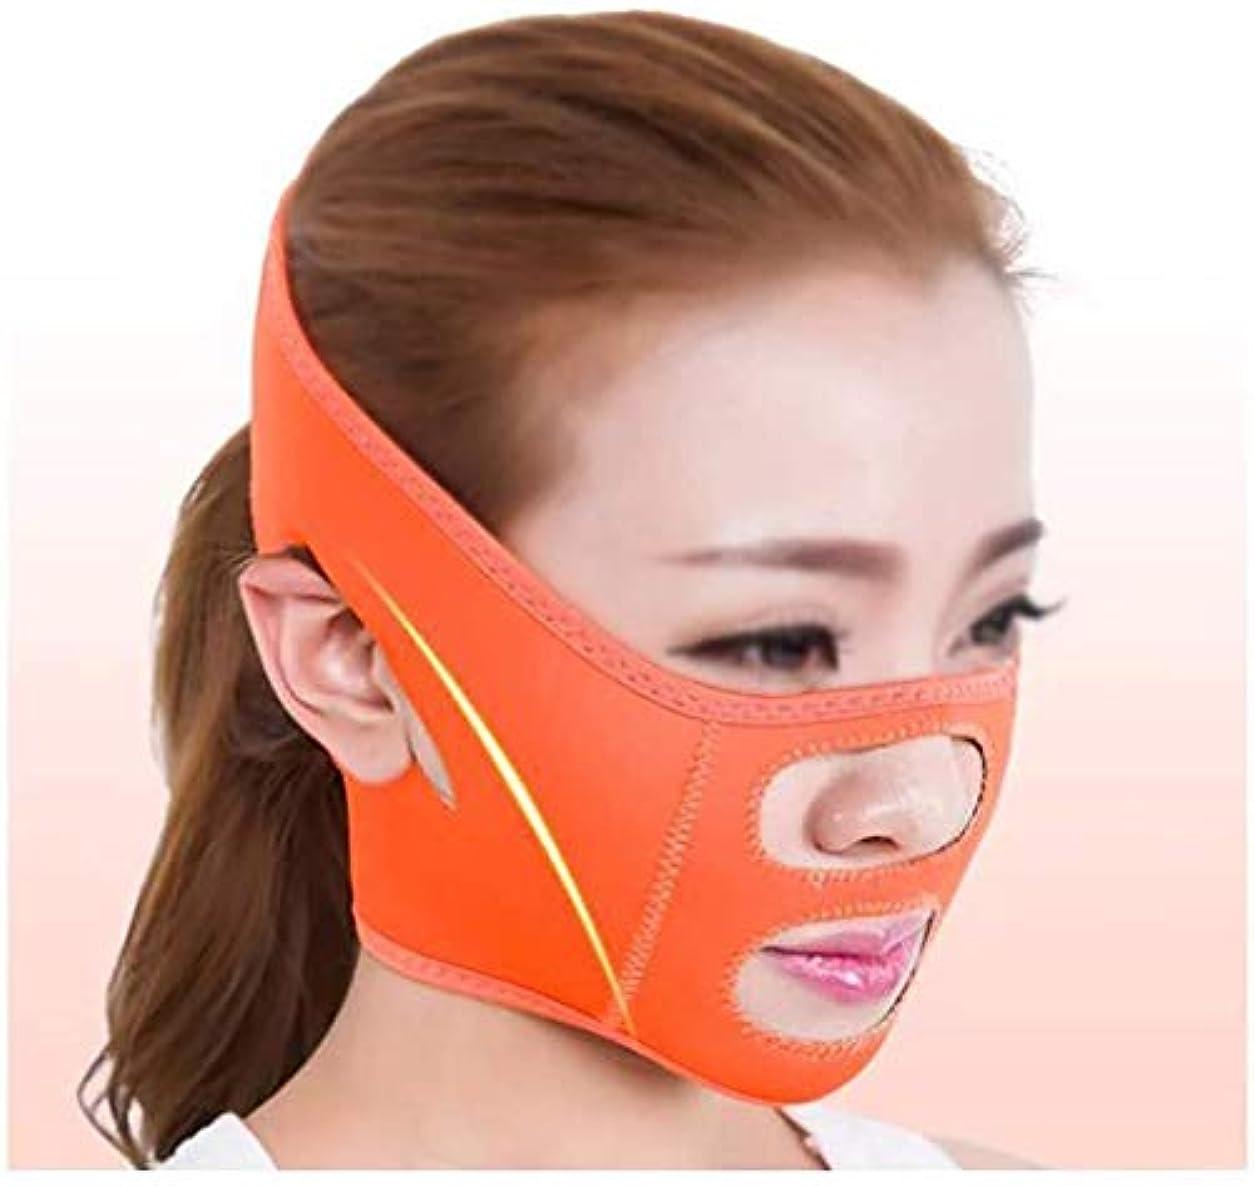 上向き製造業ハム美容と実用的なファーミングフェイスマスク、術後リフティングマスクホーム包帯シェーキングネットワーク赤女性Vフェイスステッカーストラップ楽器フェイスアーティファクト(色:オレンジ)